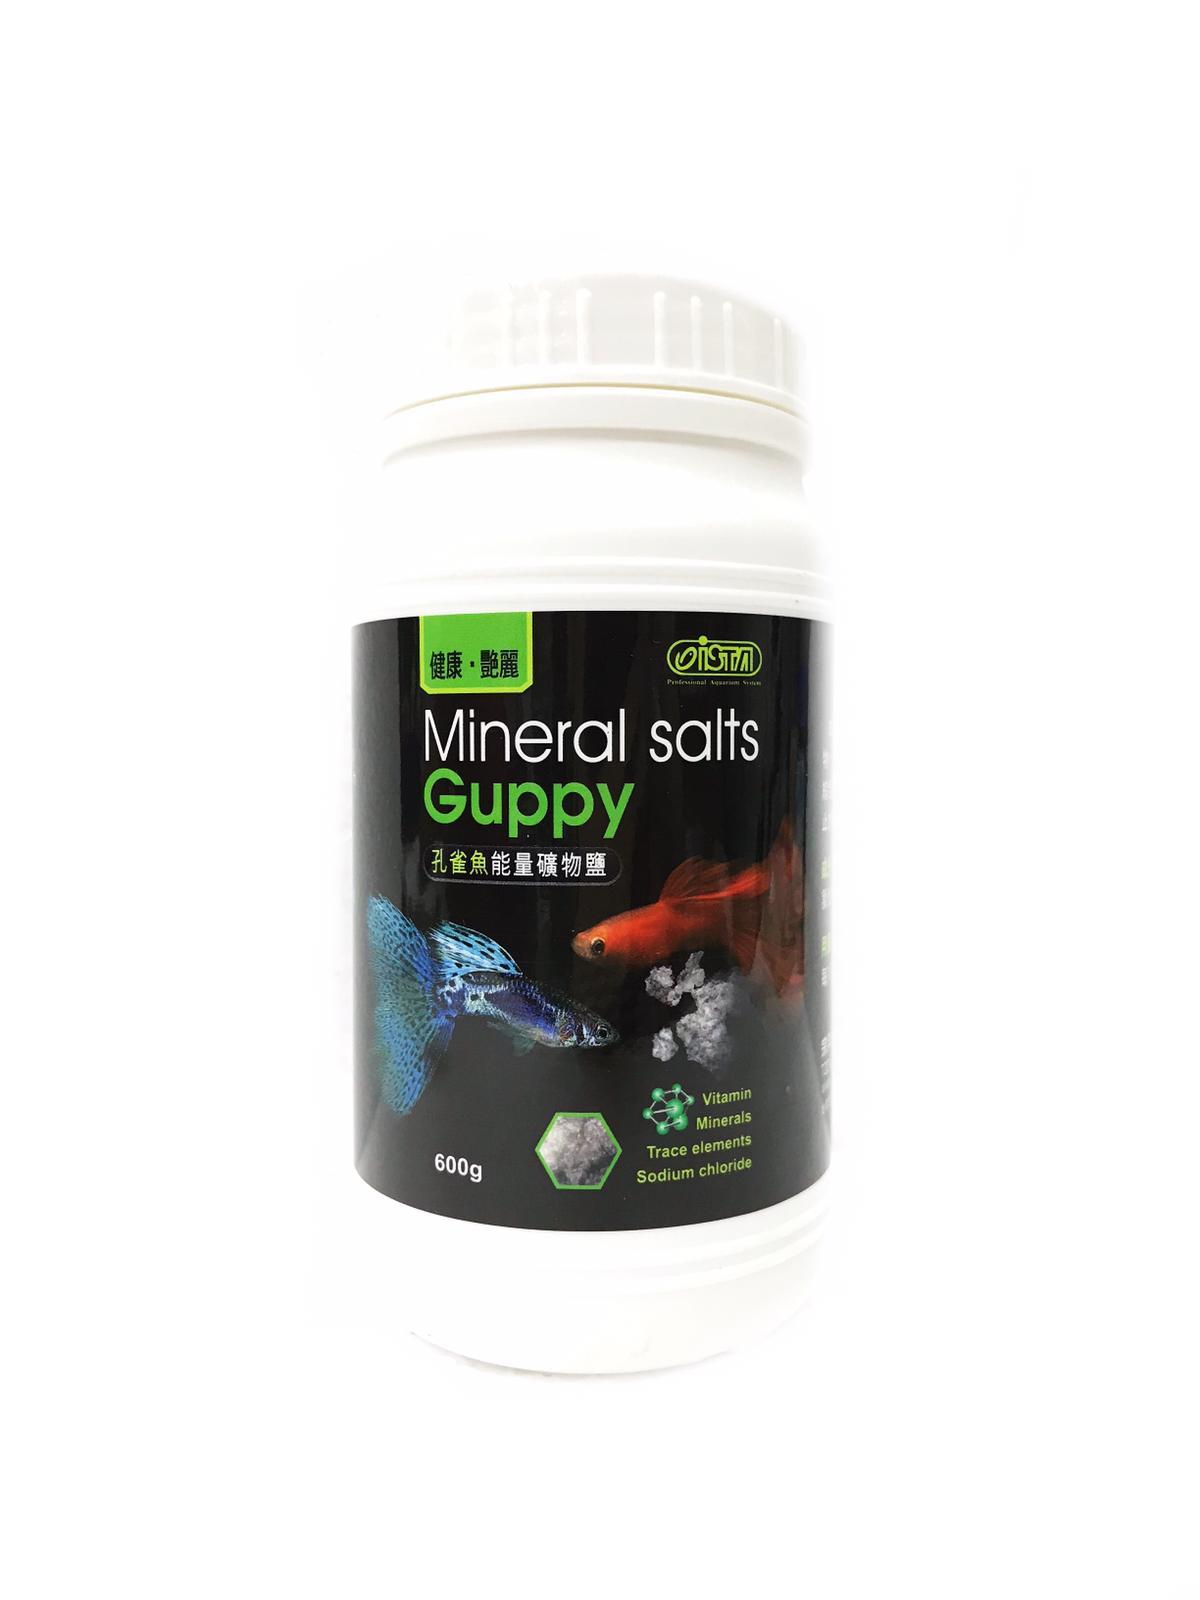 Ista Guppy Mineral Salt